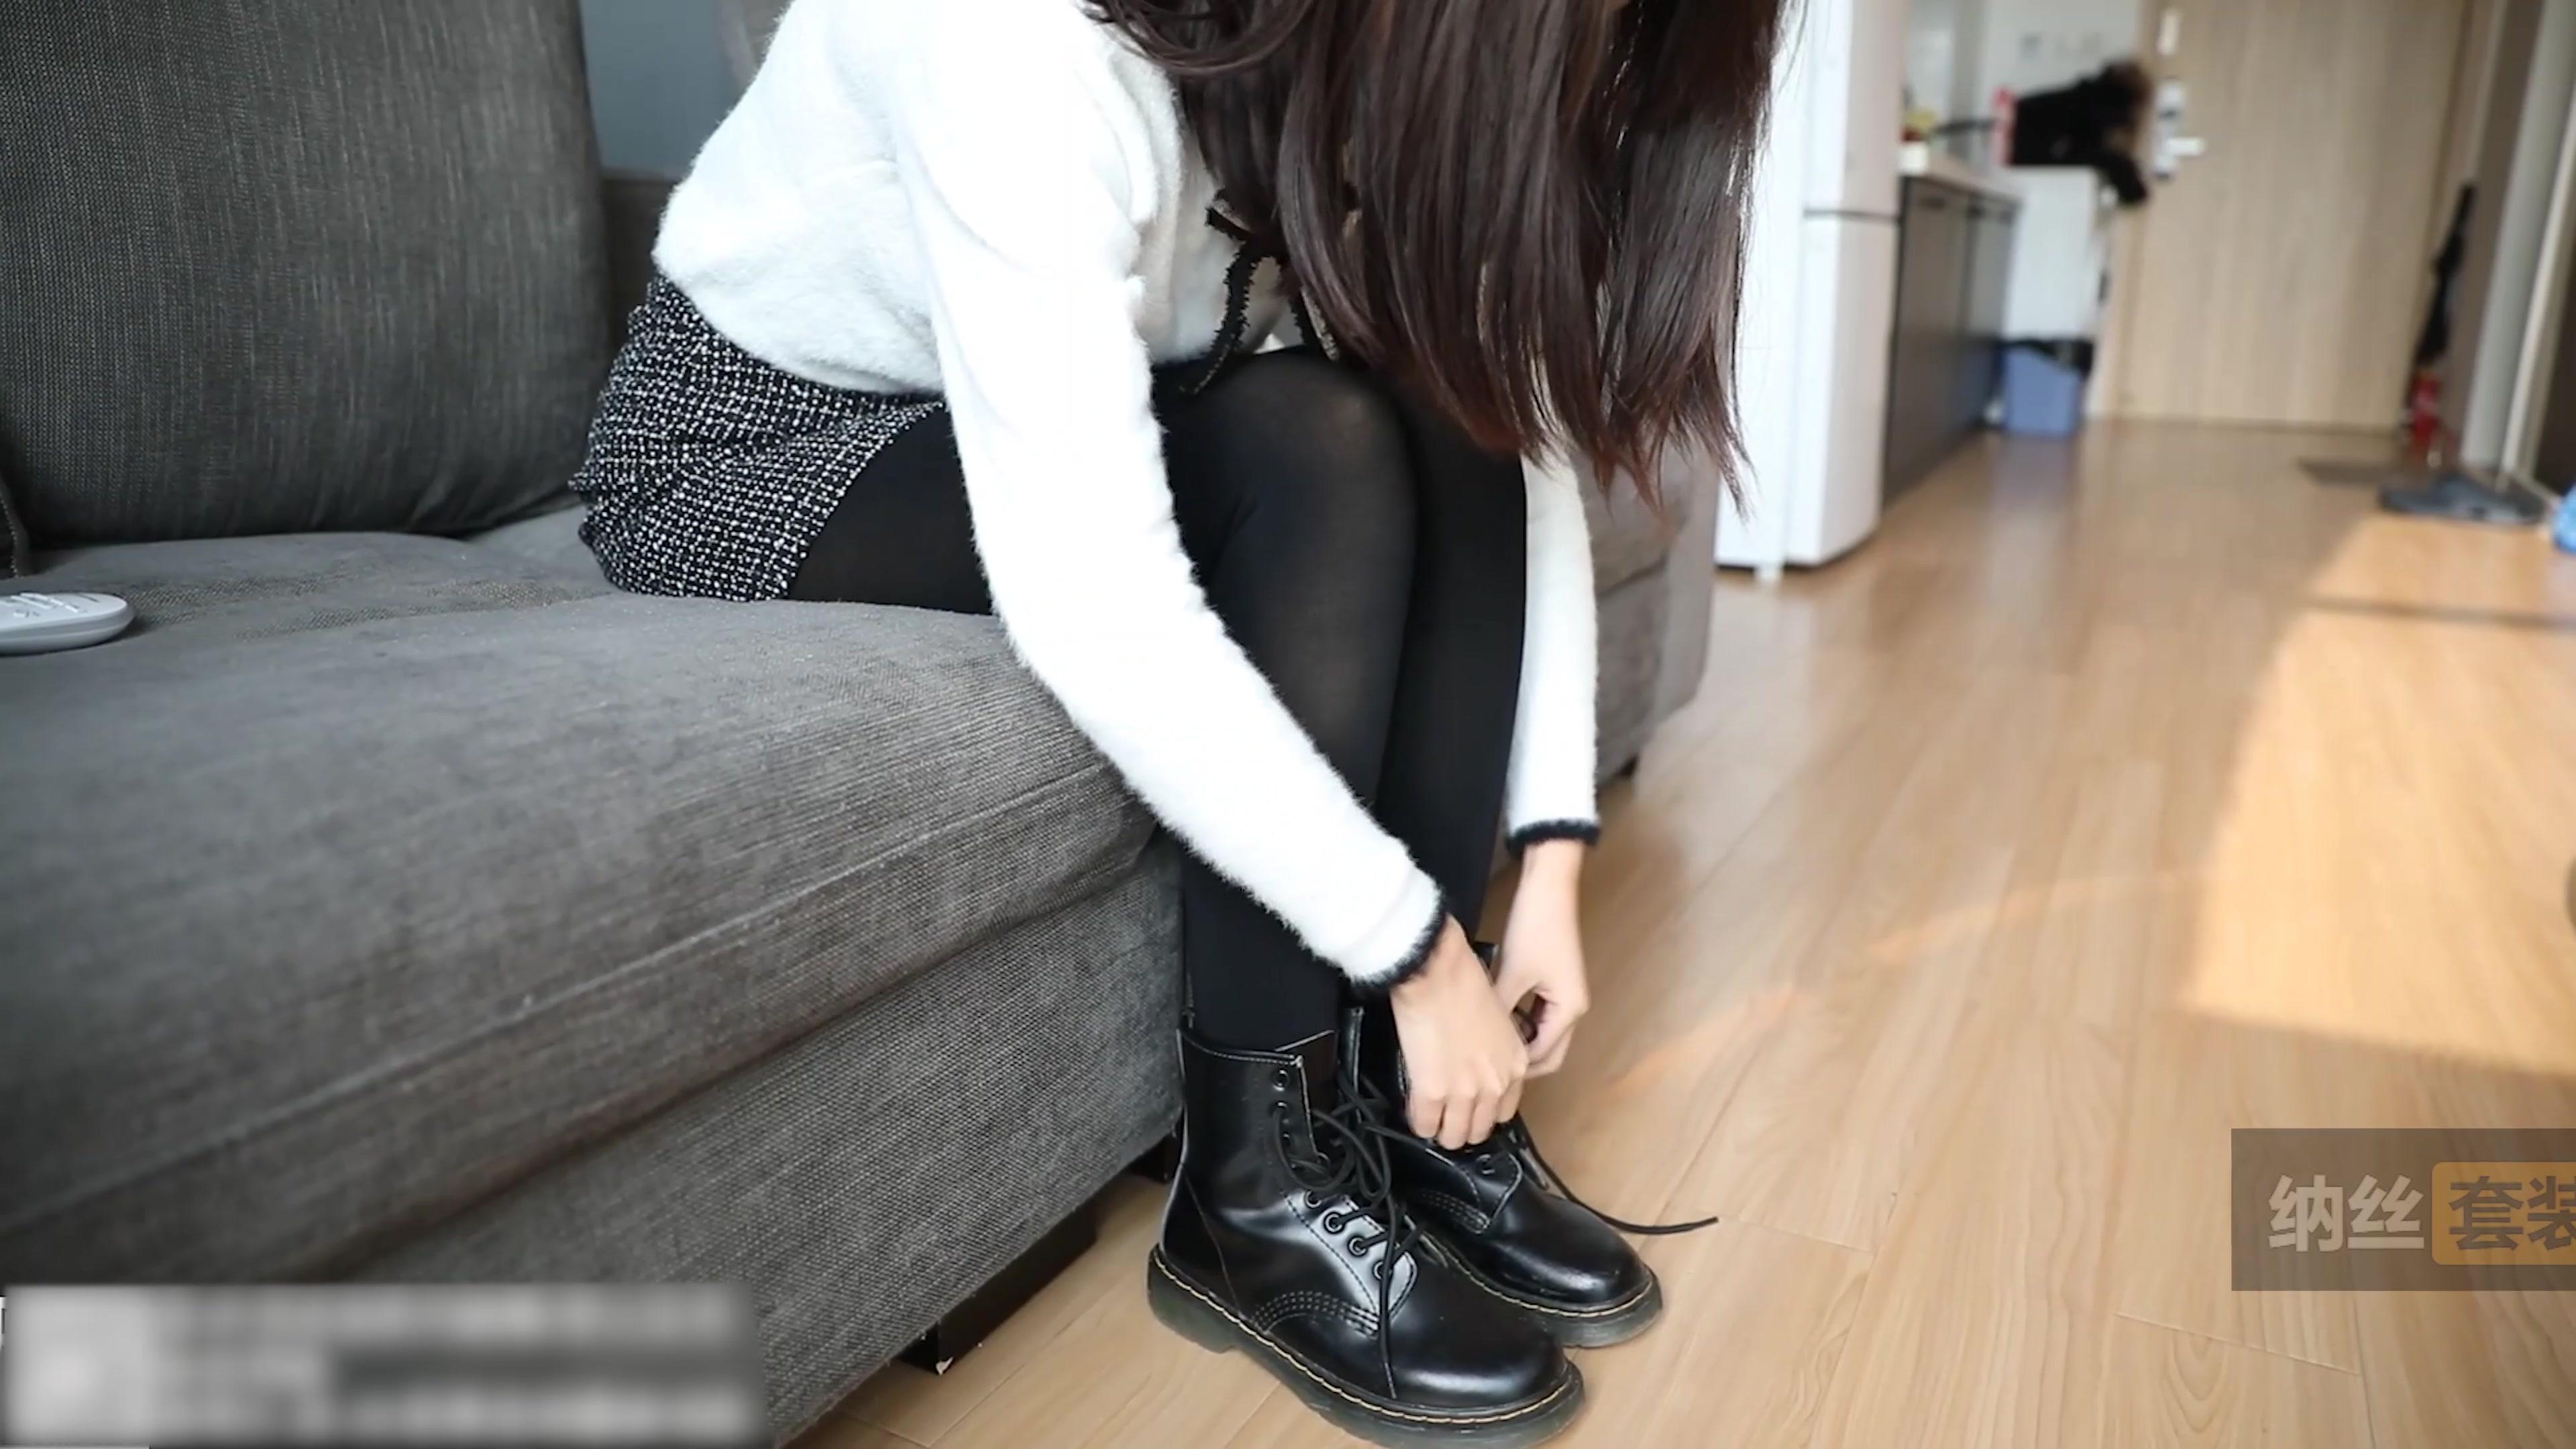 4K 美女厚黑丝打底裤马丁靴学院风写真拍摄花絮